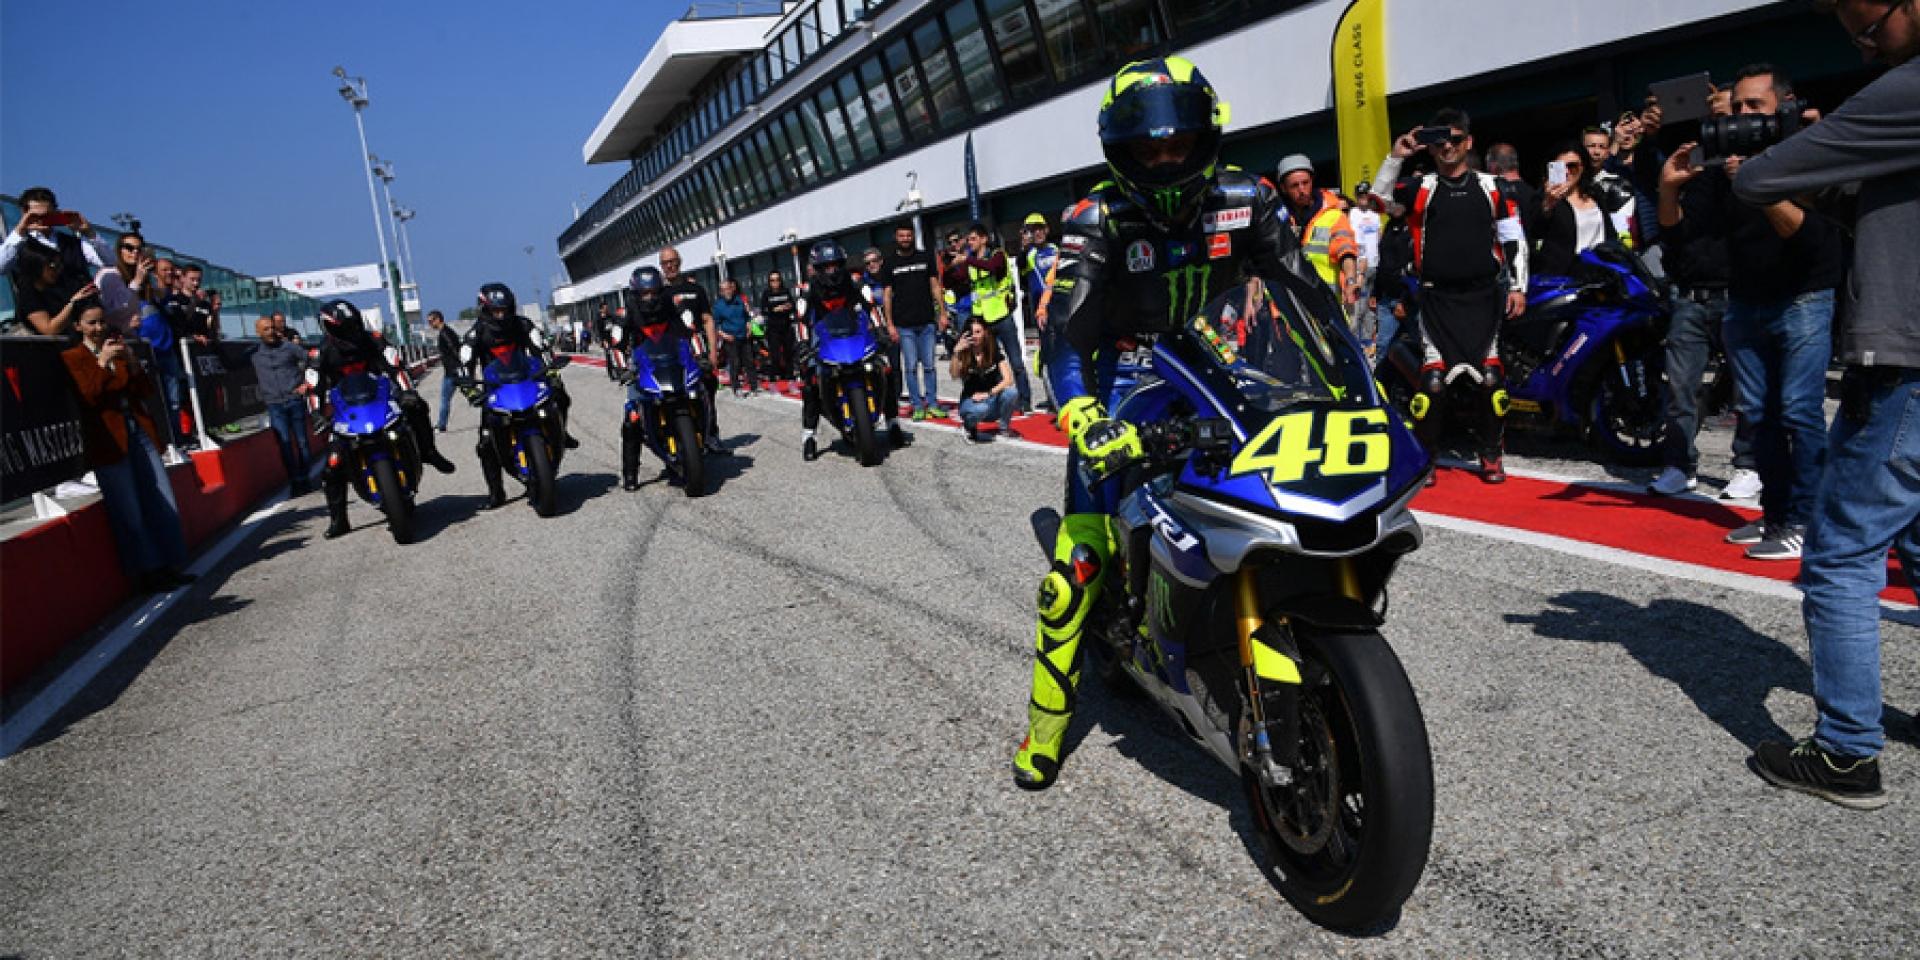 讓Rossi教你騎車的機會又來啦!Dainese Riding Master安駕訓練課程4月開跑